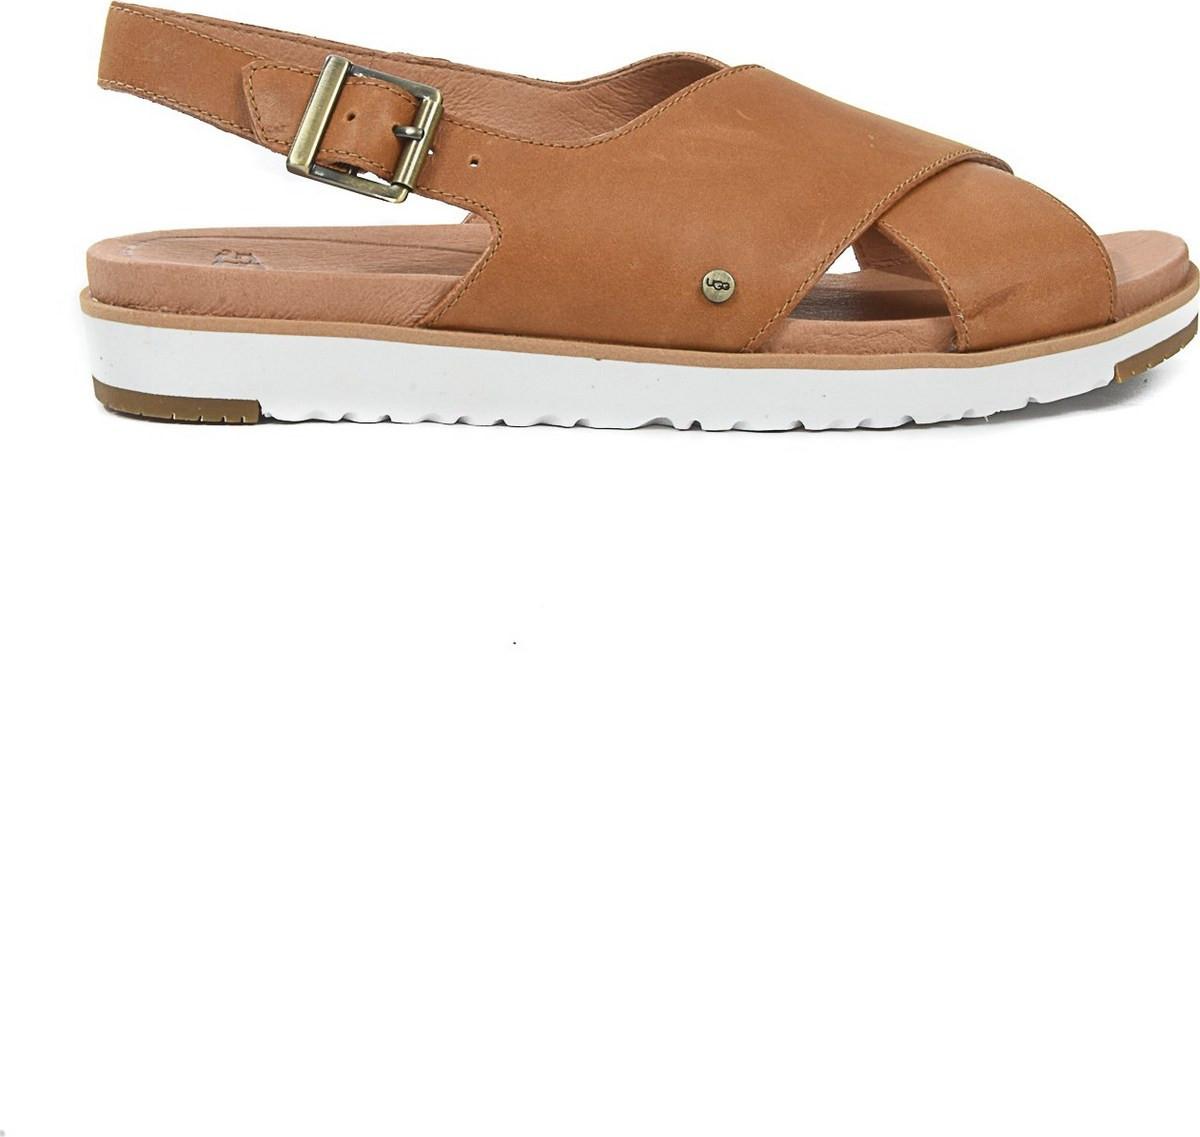 sandal  214e24c0b85